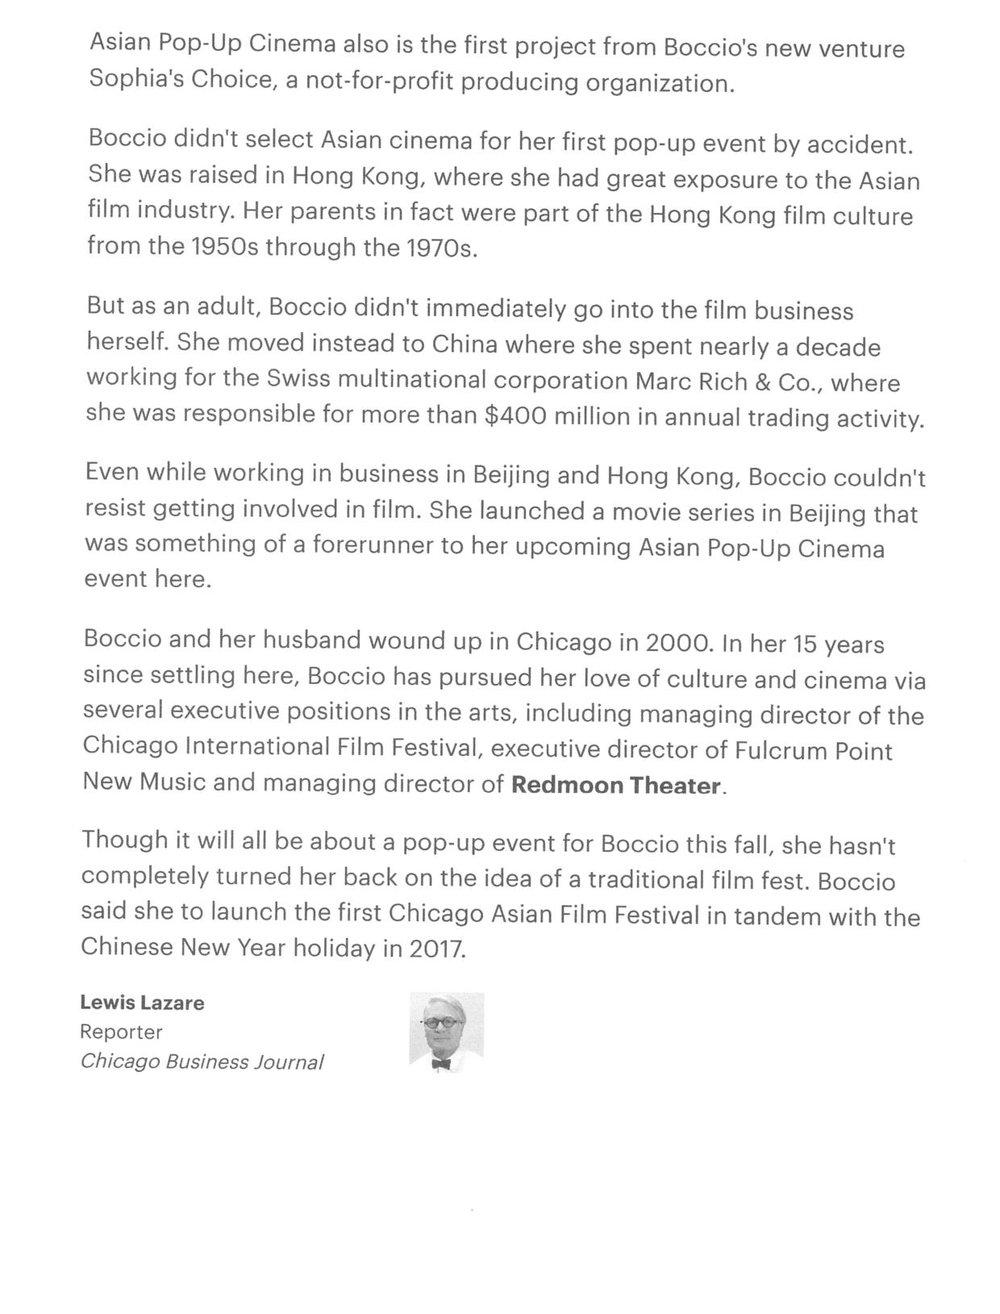 8.5.15.Chicagobizjournal.om-page-002.jpg